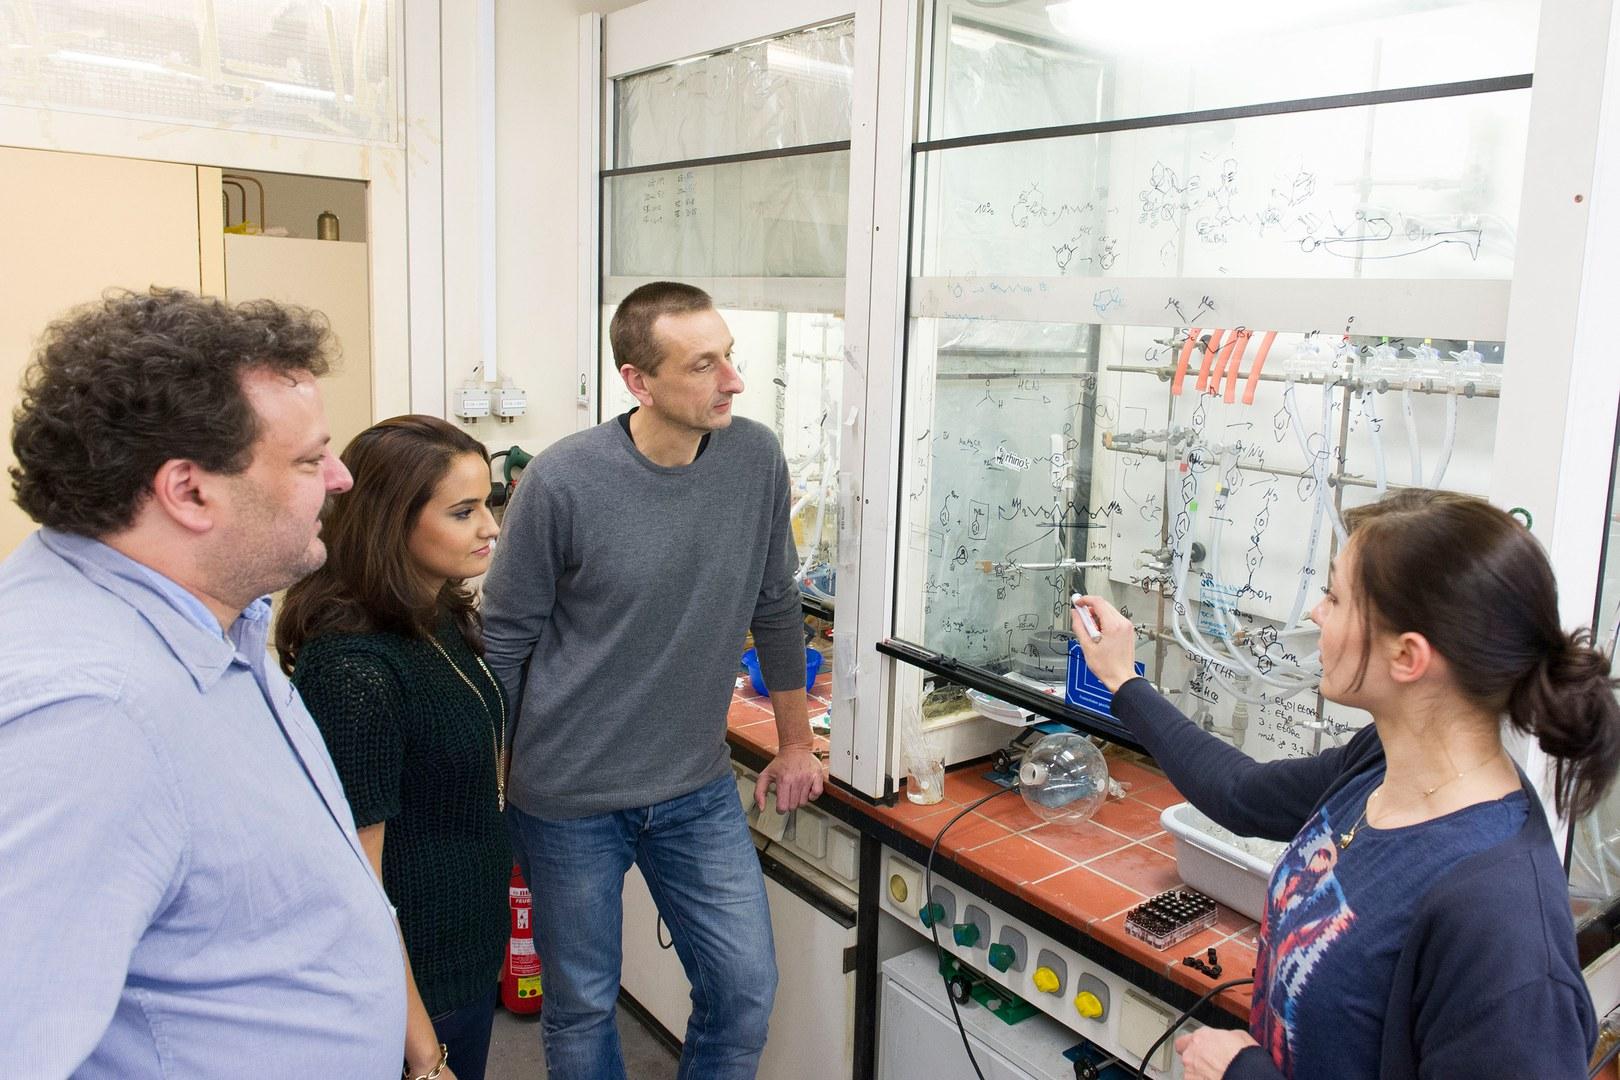 Suchen nach günstigeren und effizienteren Metallkomplexen für Katalysatoren: